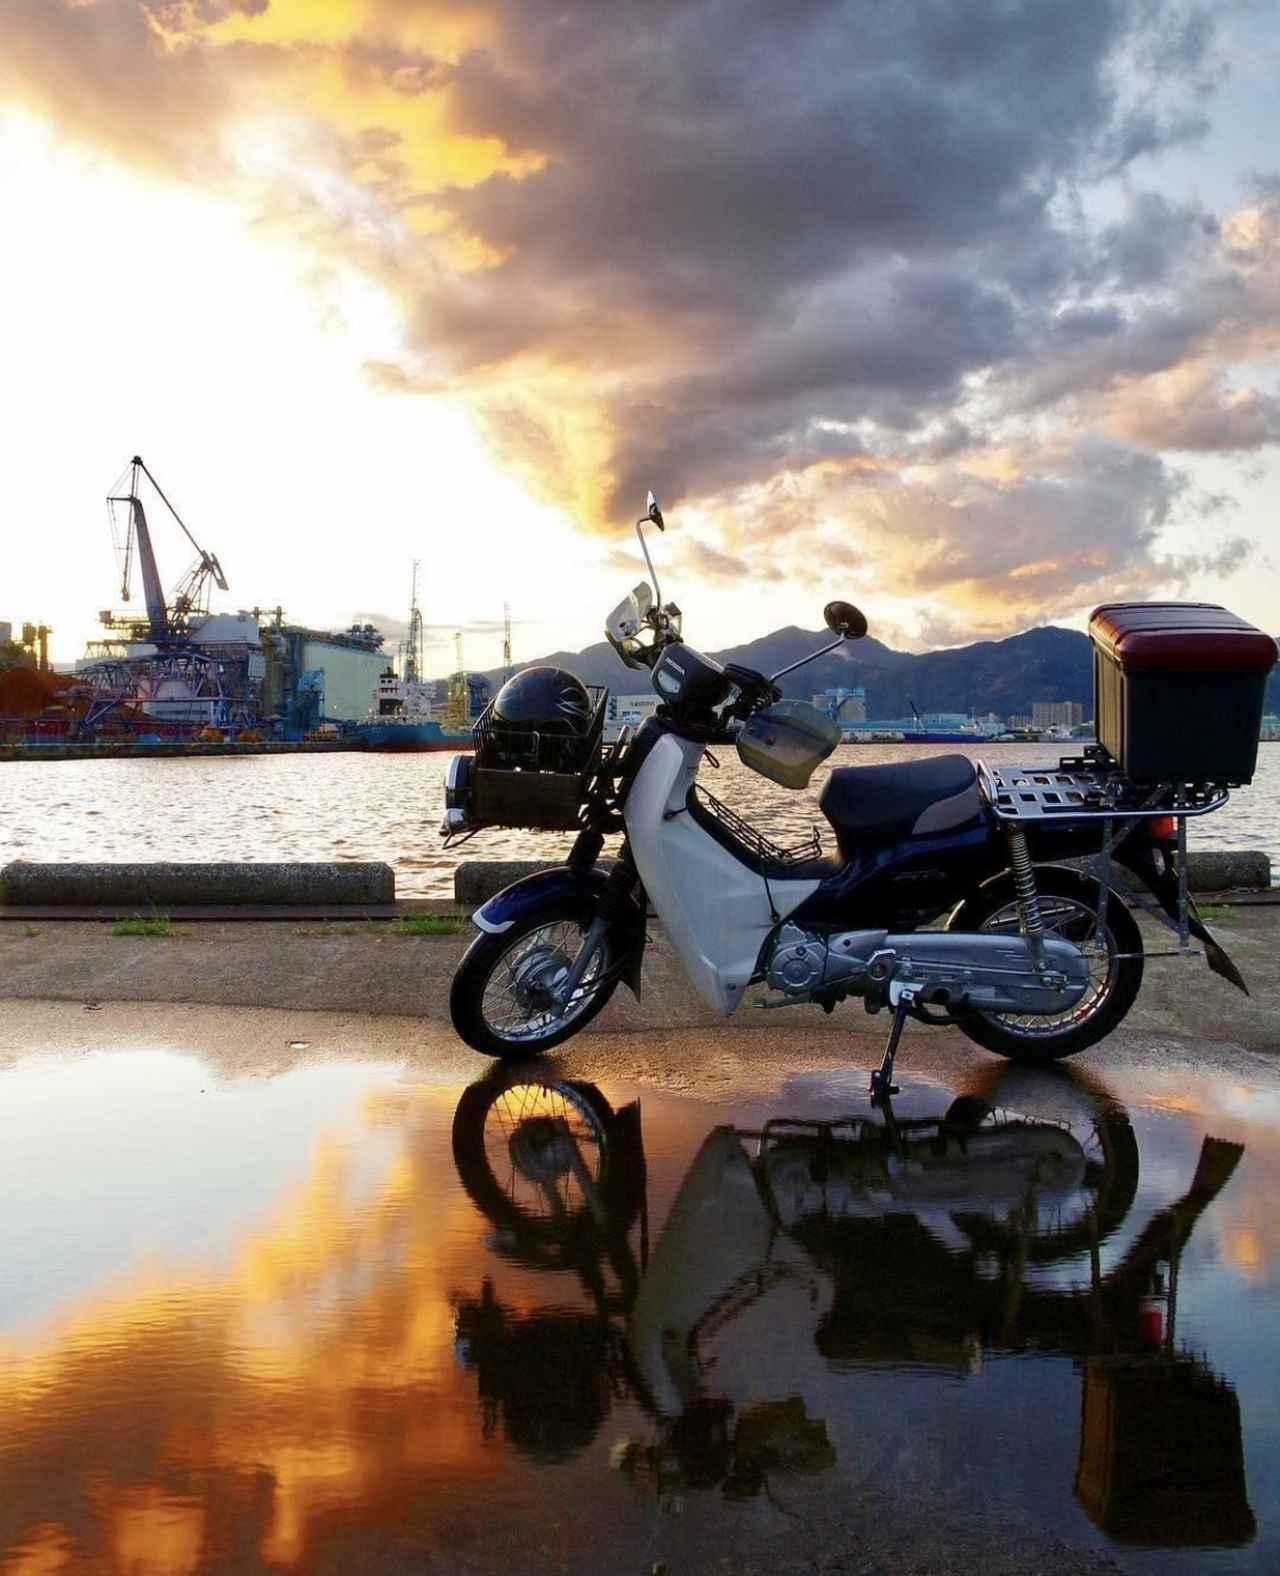 画像: 美しい景色はやっぱりバイクと観に行きたい!【リトホンインスタ部vol.59】 - A Little Honda